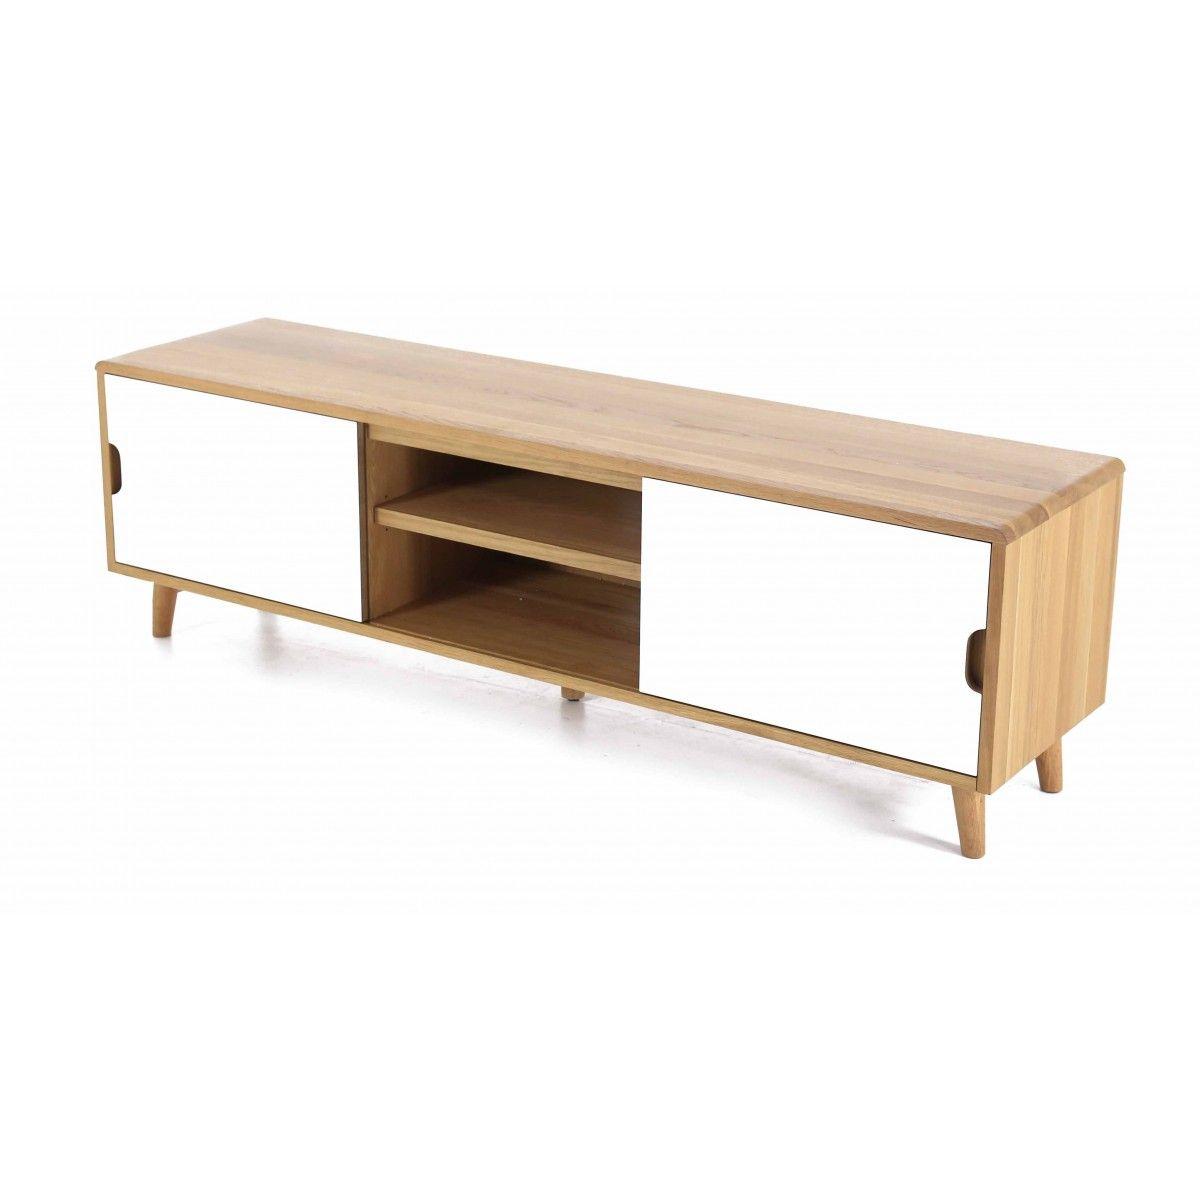 5e8e68440aea8944b96919ea38dfe69c Jpg 1200 1200 Table Cabinet  # Banc Tv Scandinave